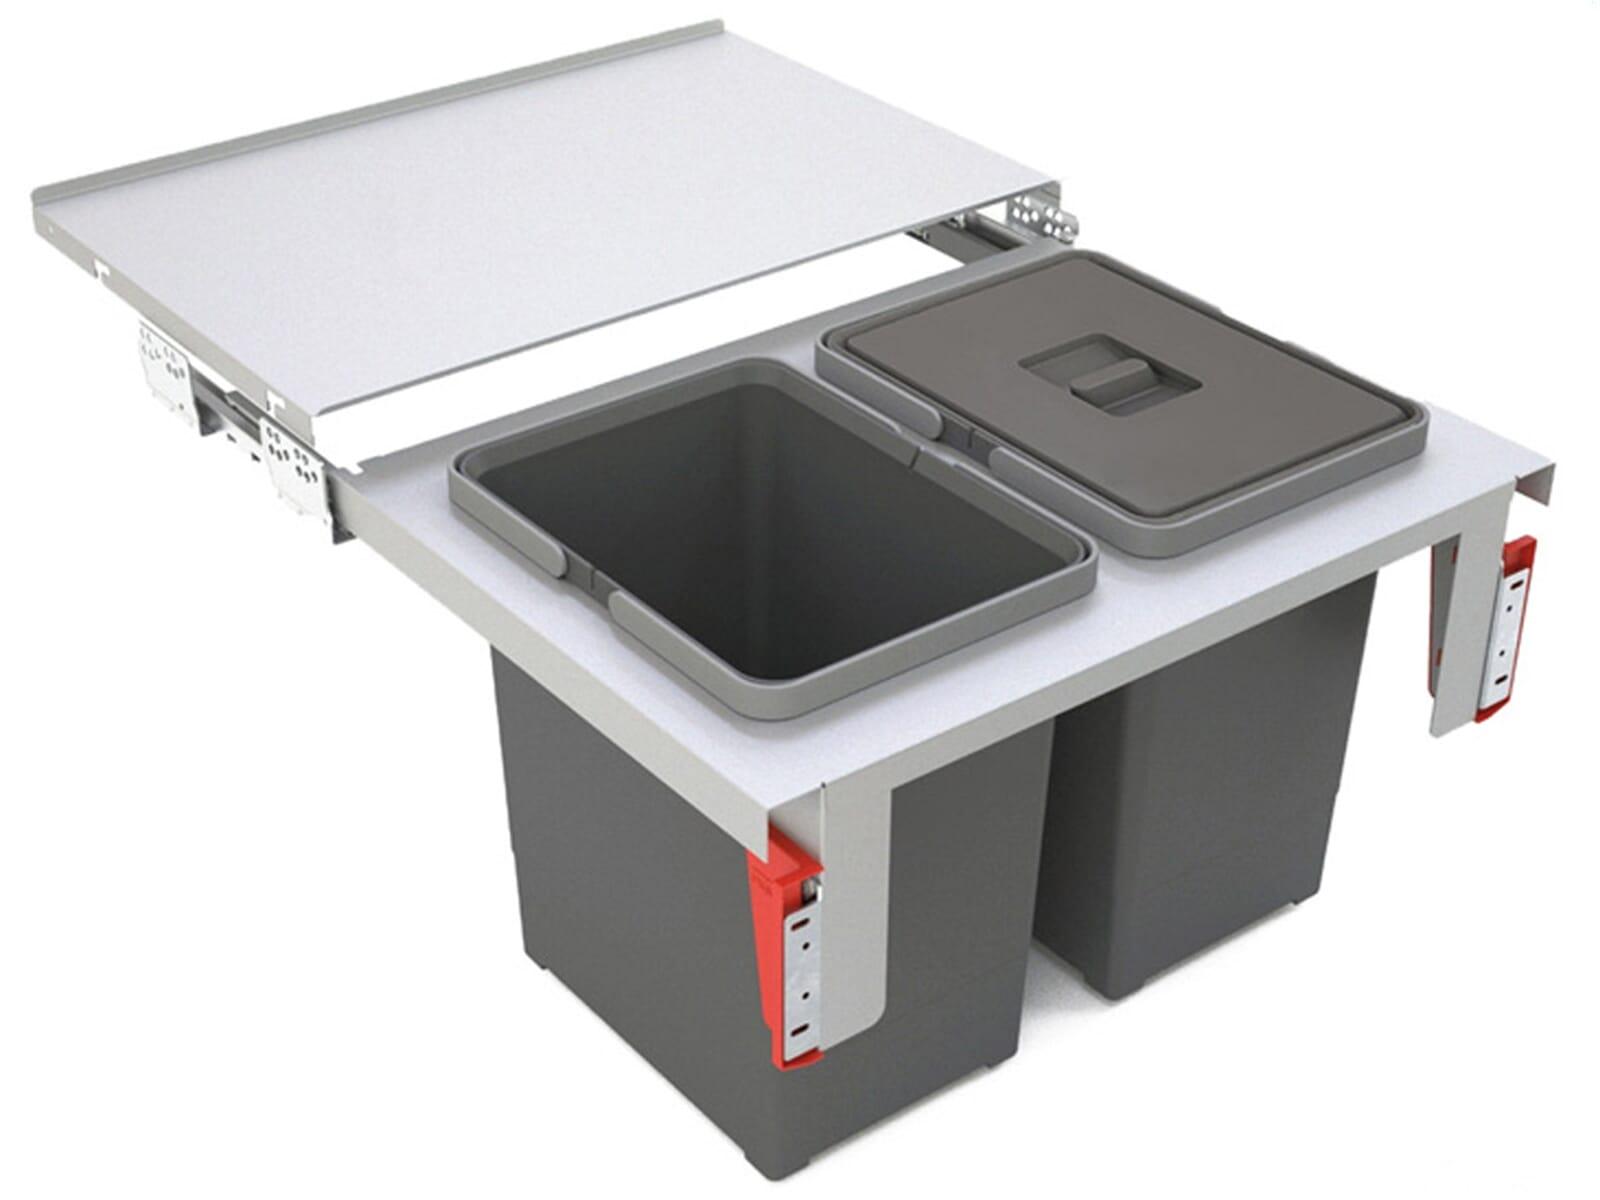 Produktabbildung Franke Sorter Garbo 60-2 - 121.0284.027 Einbau Abfallsammler